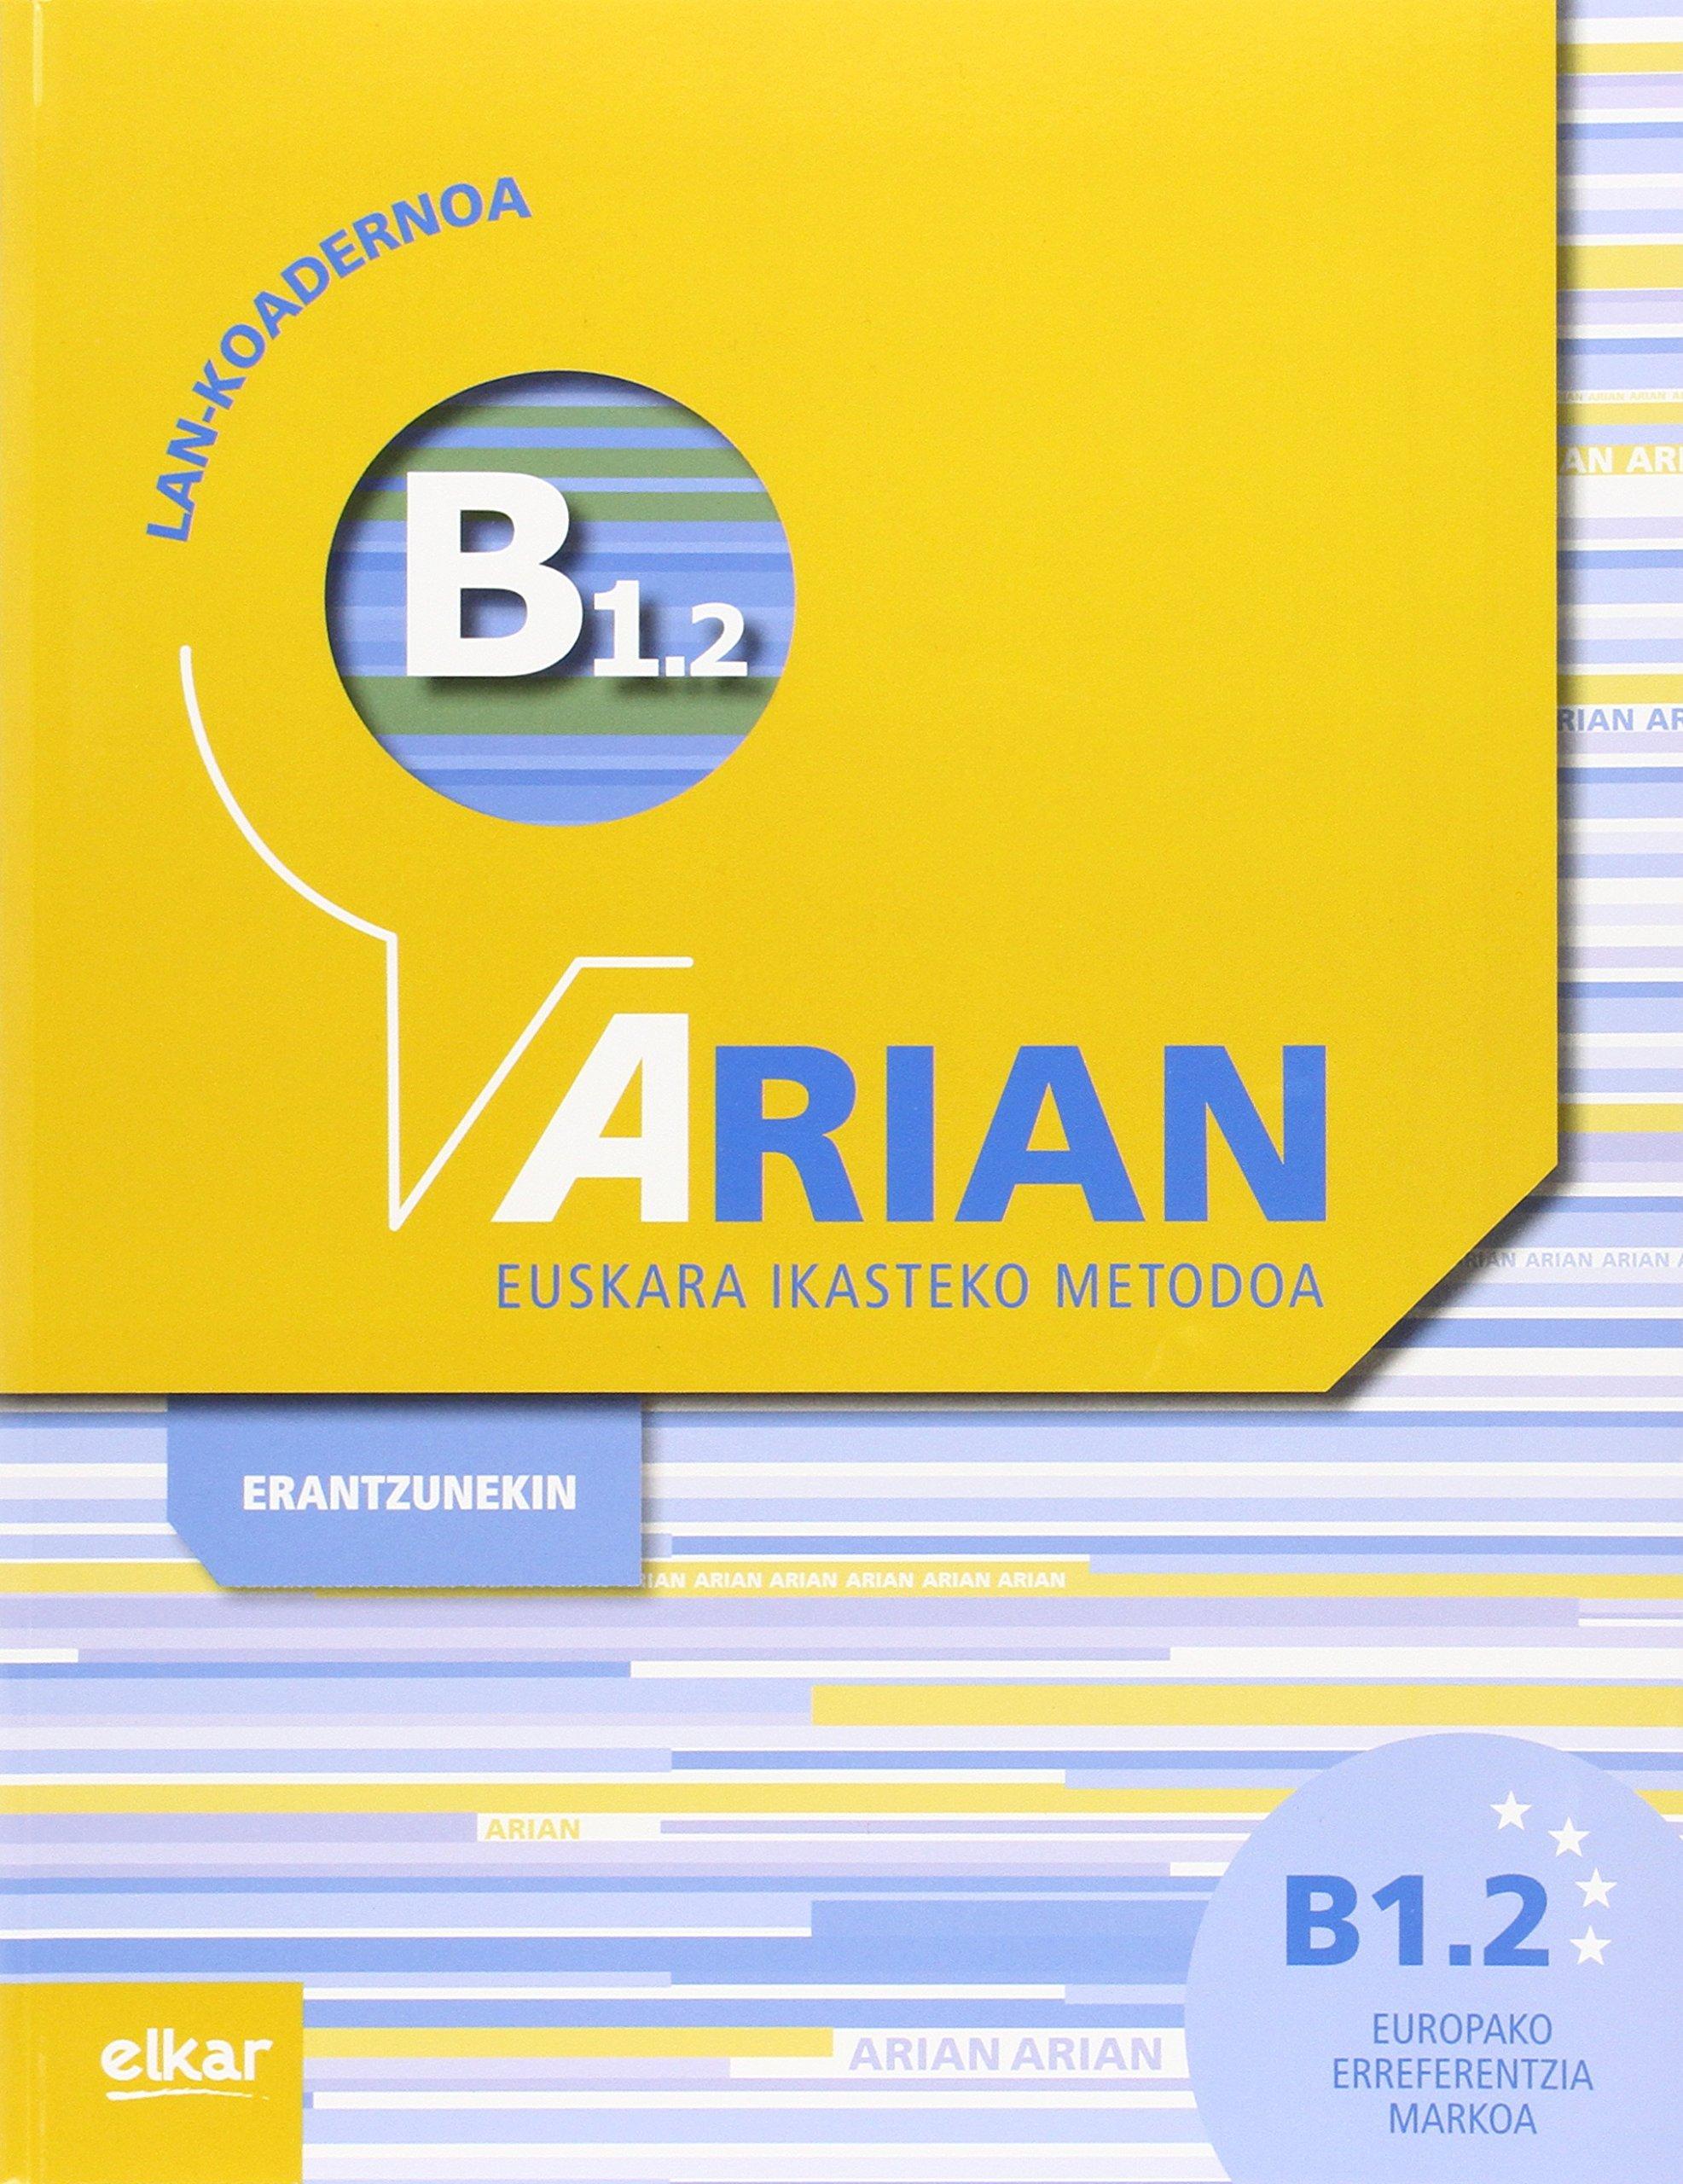 Arian B1.2 Lan-koadernoa (+erantzunak) (Euskera) Tapa blanda – 15 nov 2014 Alex Orbe Ferreiro Kepa Orbe Ferreiro Elkarlanean S.L.